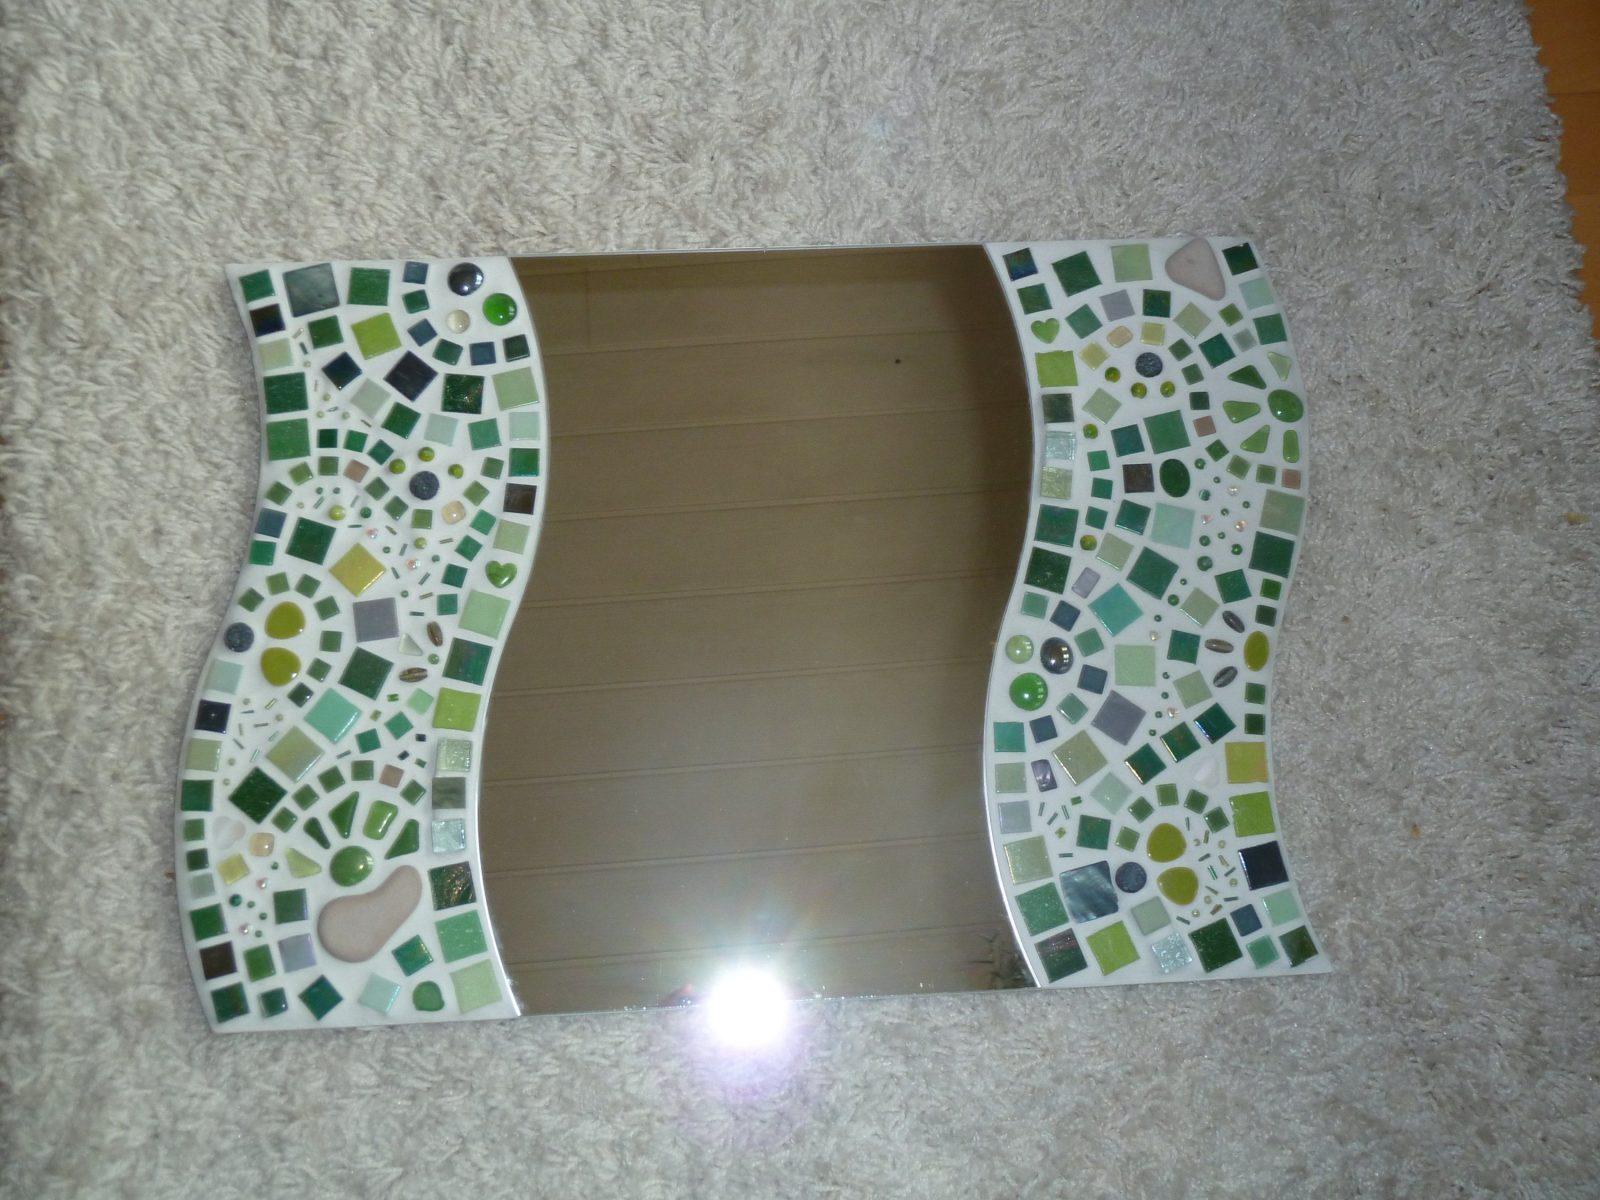 Mosaik Spiegel Selber Machen  Ehausdesign von Spiegel Mosaik Selber Machen Bild